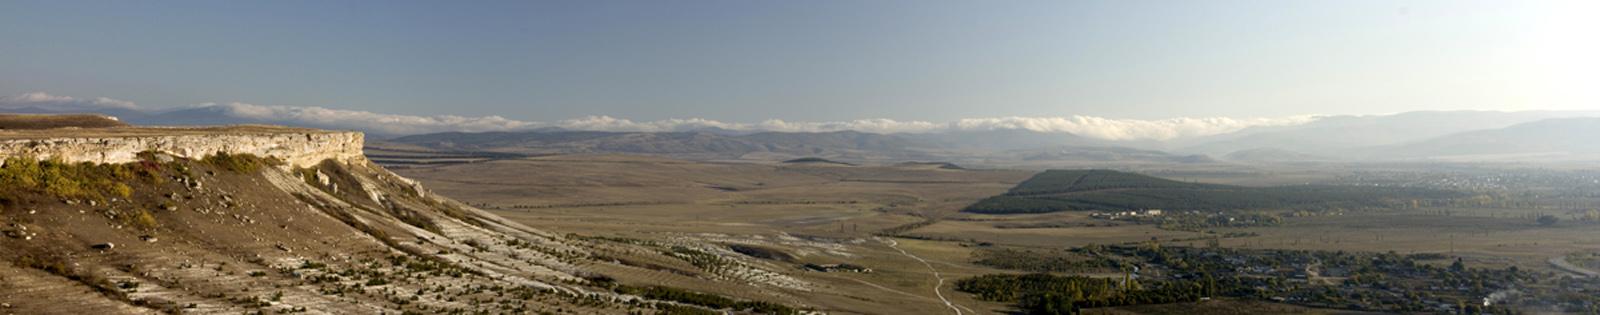 """фото """"Крым. Белогорский район. Вид с горы Акъ-Кая"""" метки: панорама, пейзаж, горы"""